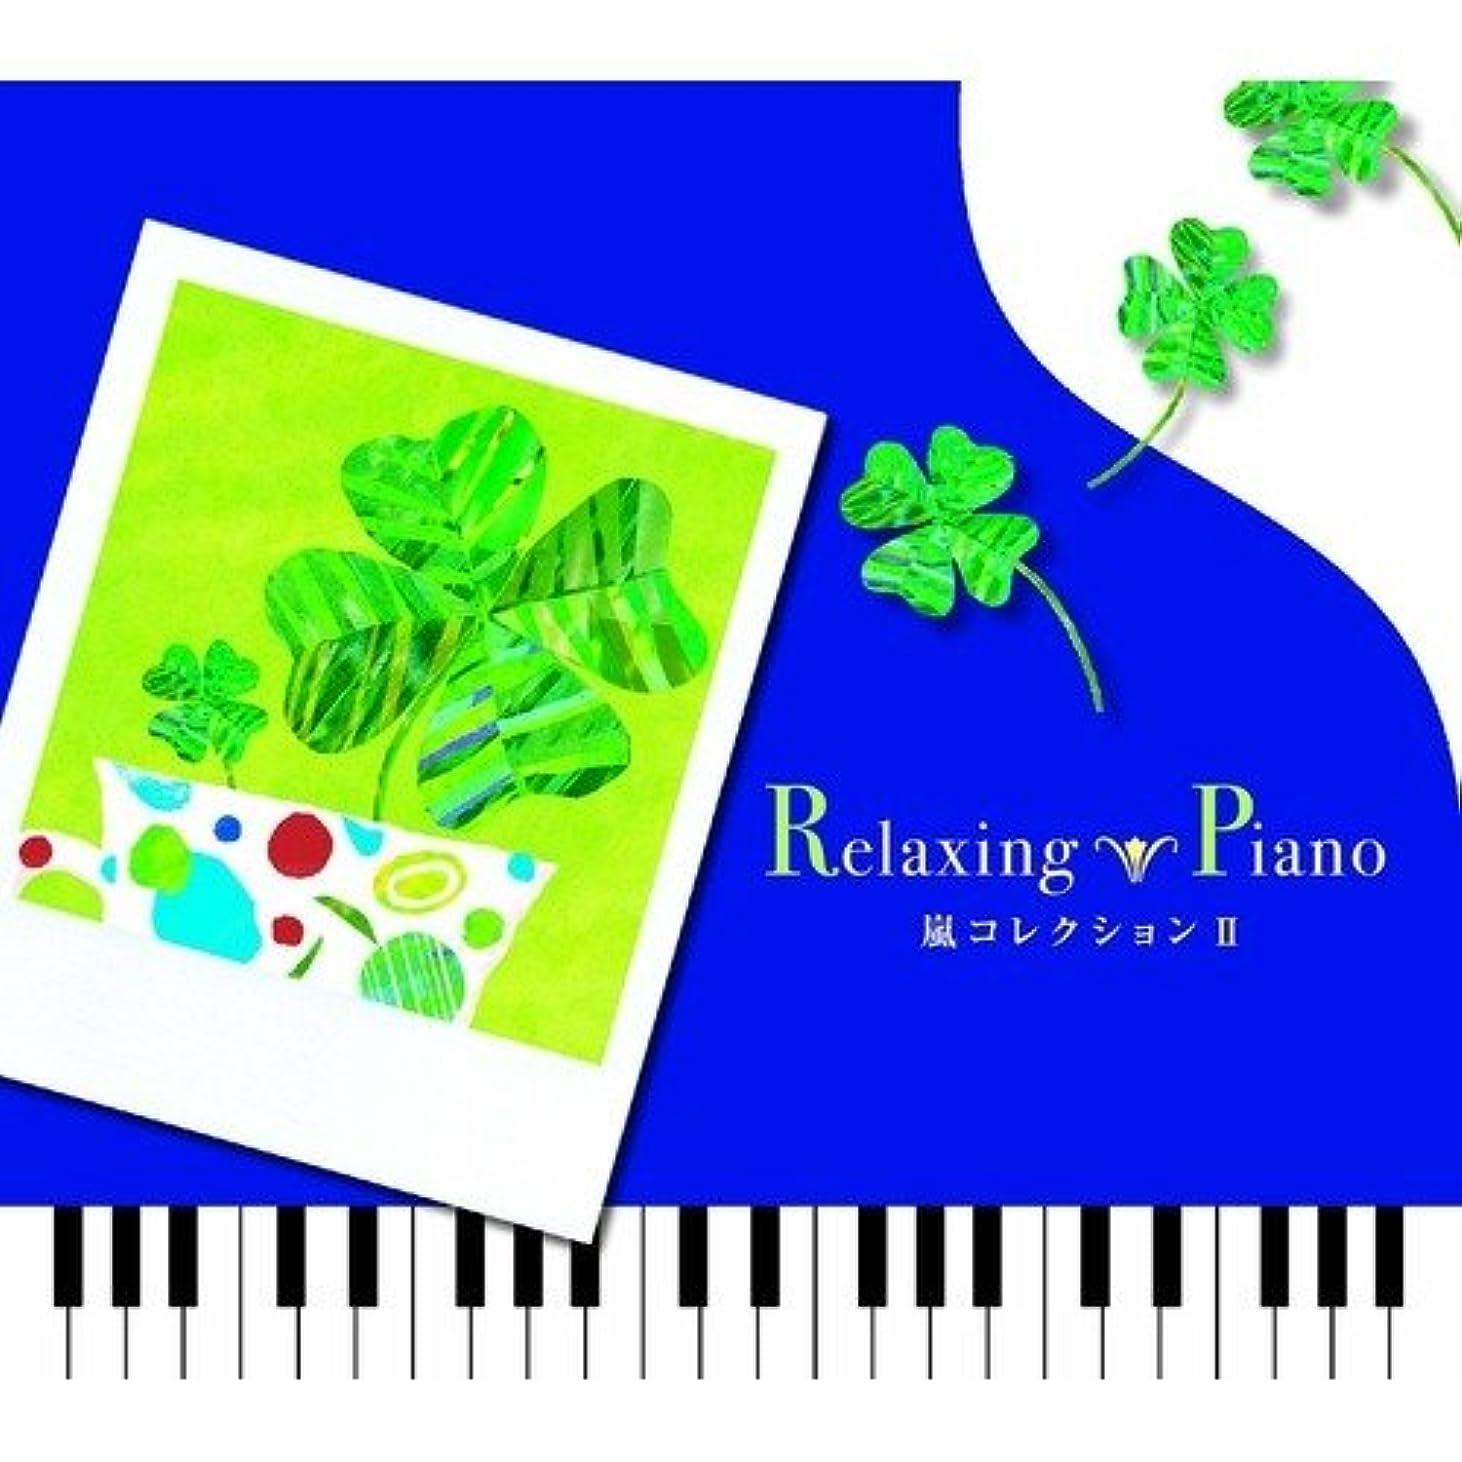 プロトタイプキャンバス結紮Relaxing Piano 嵐 コレクション II